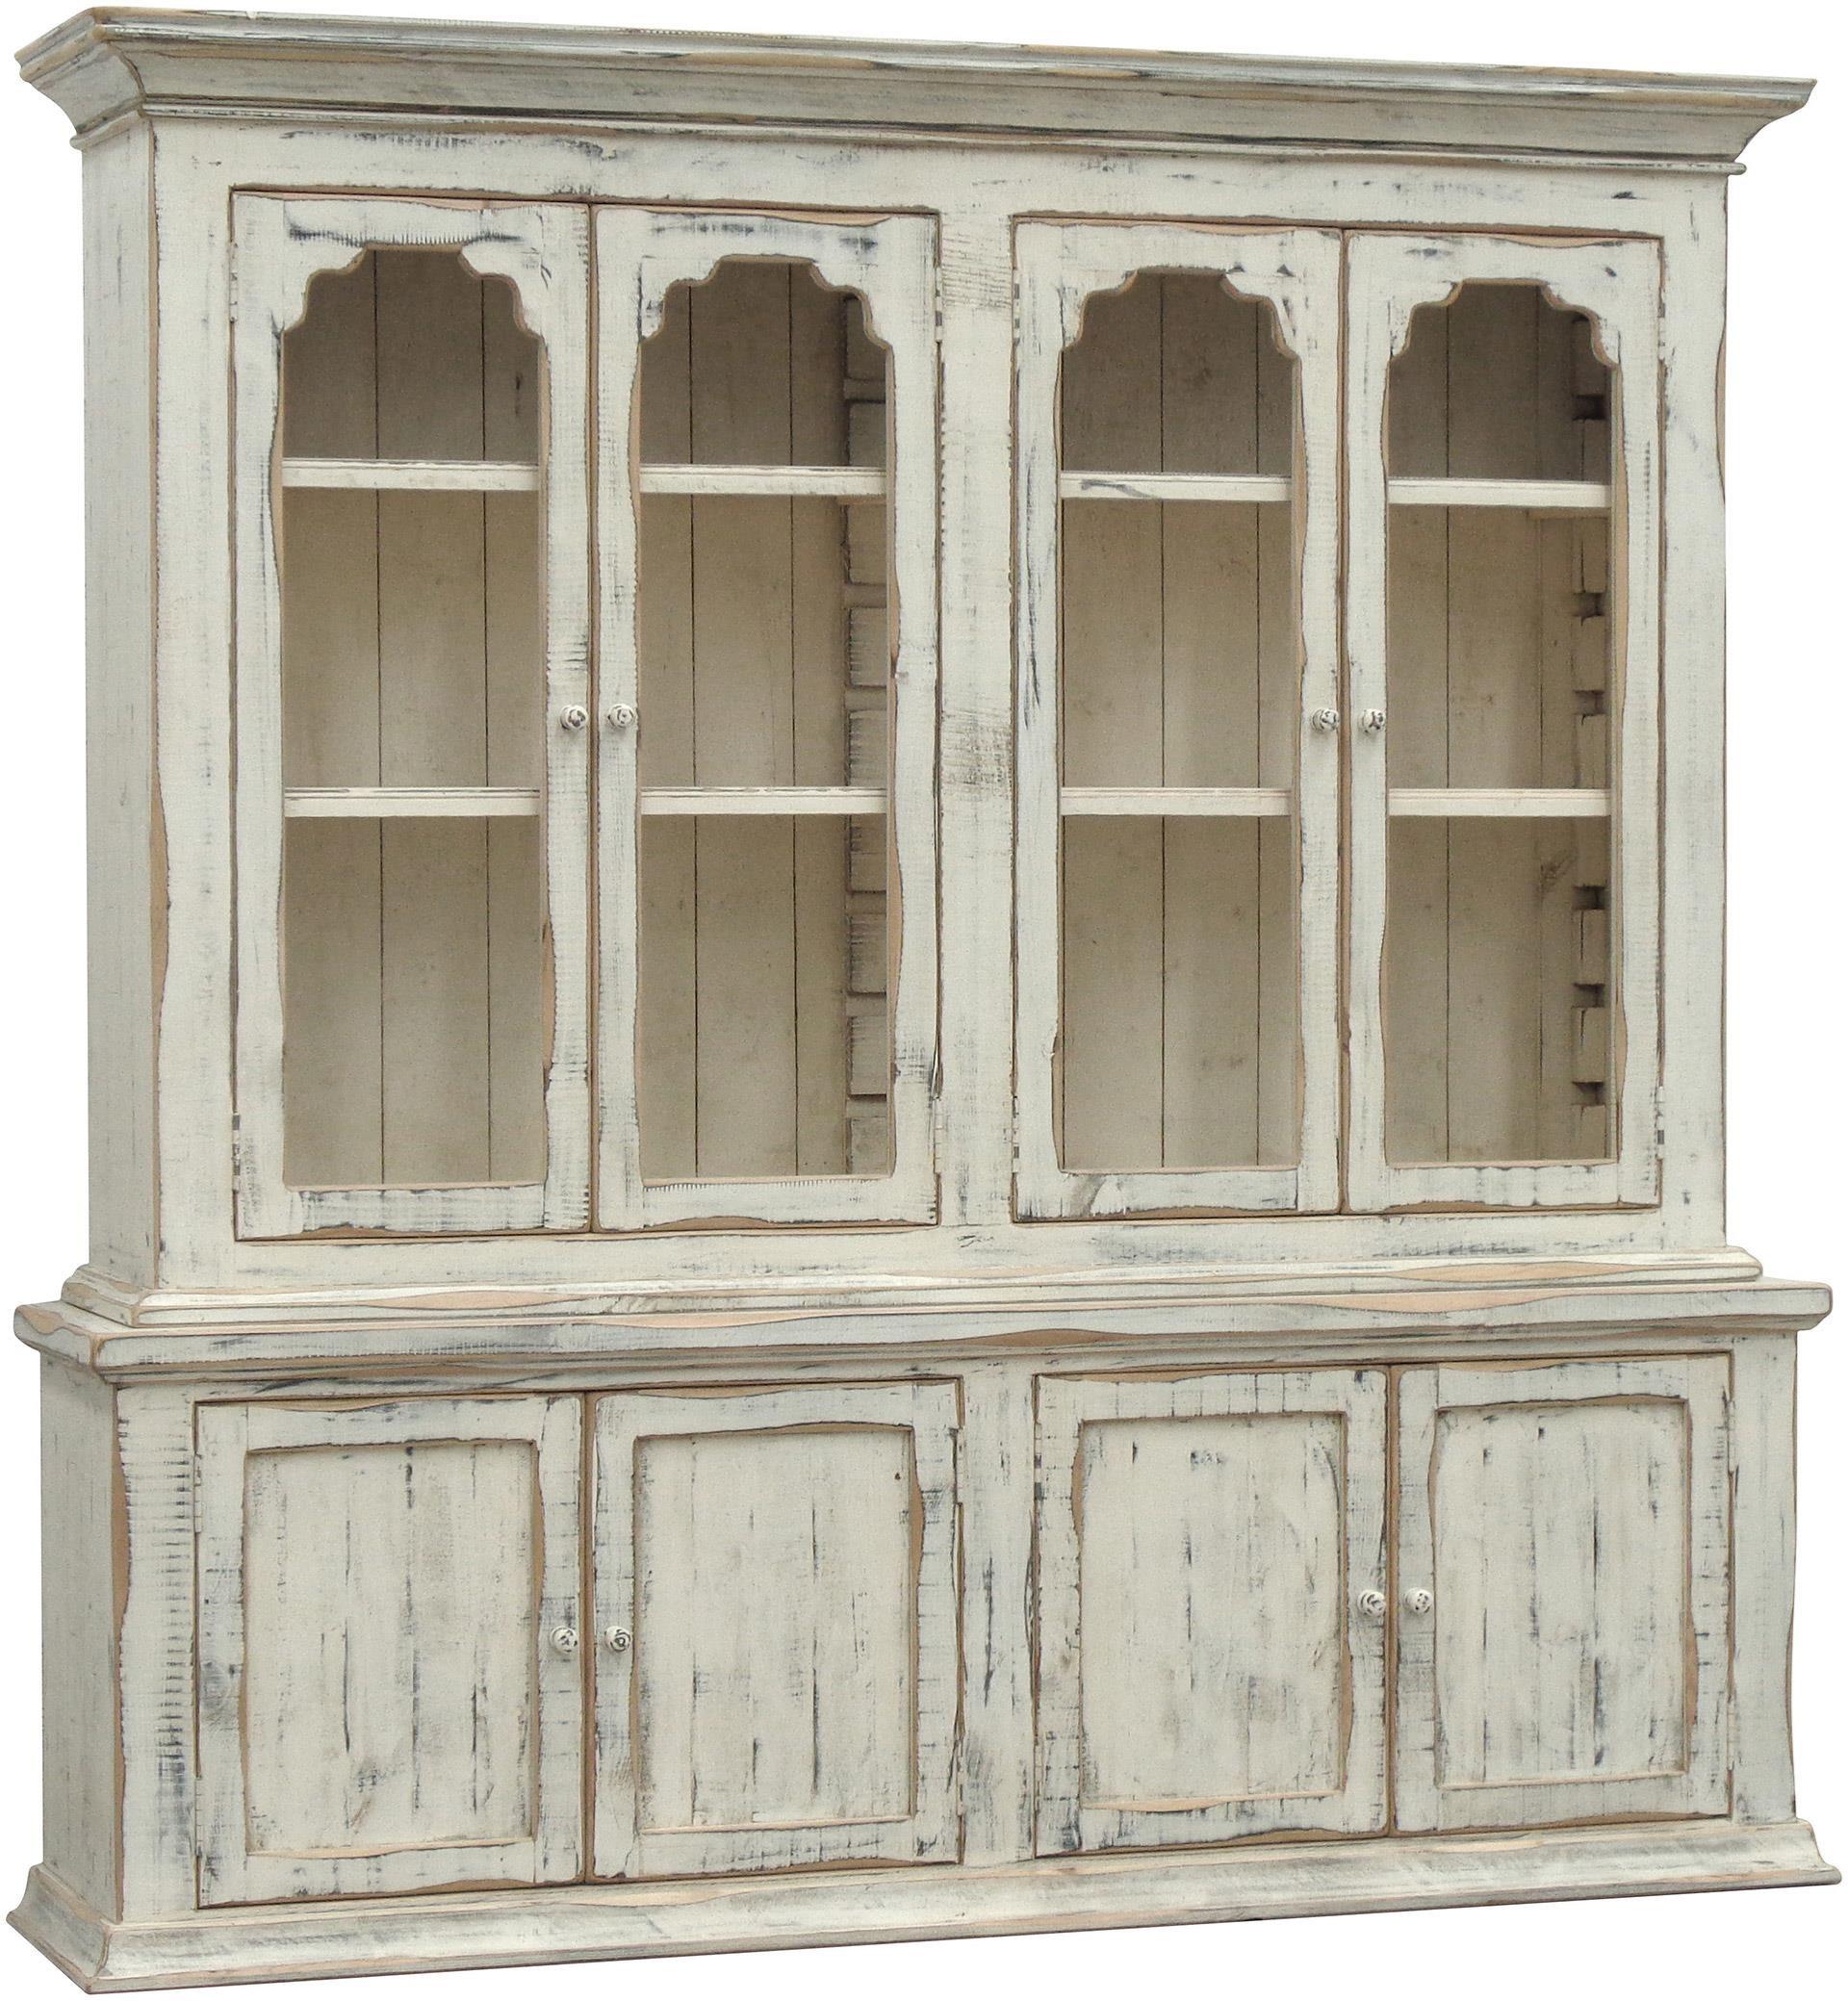 Wilmington Bookcase